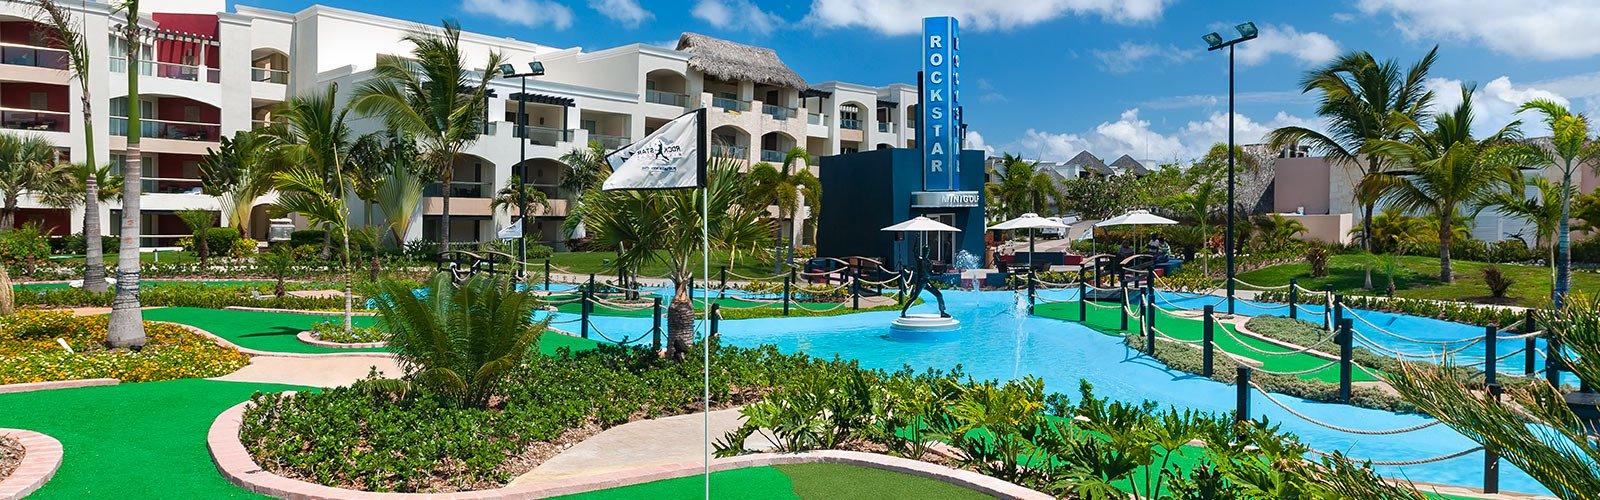 Mini Golf Hard Rock Punta Cana